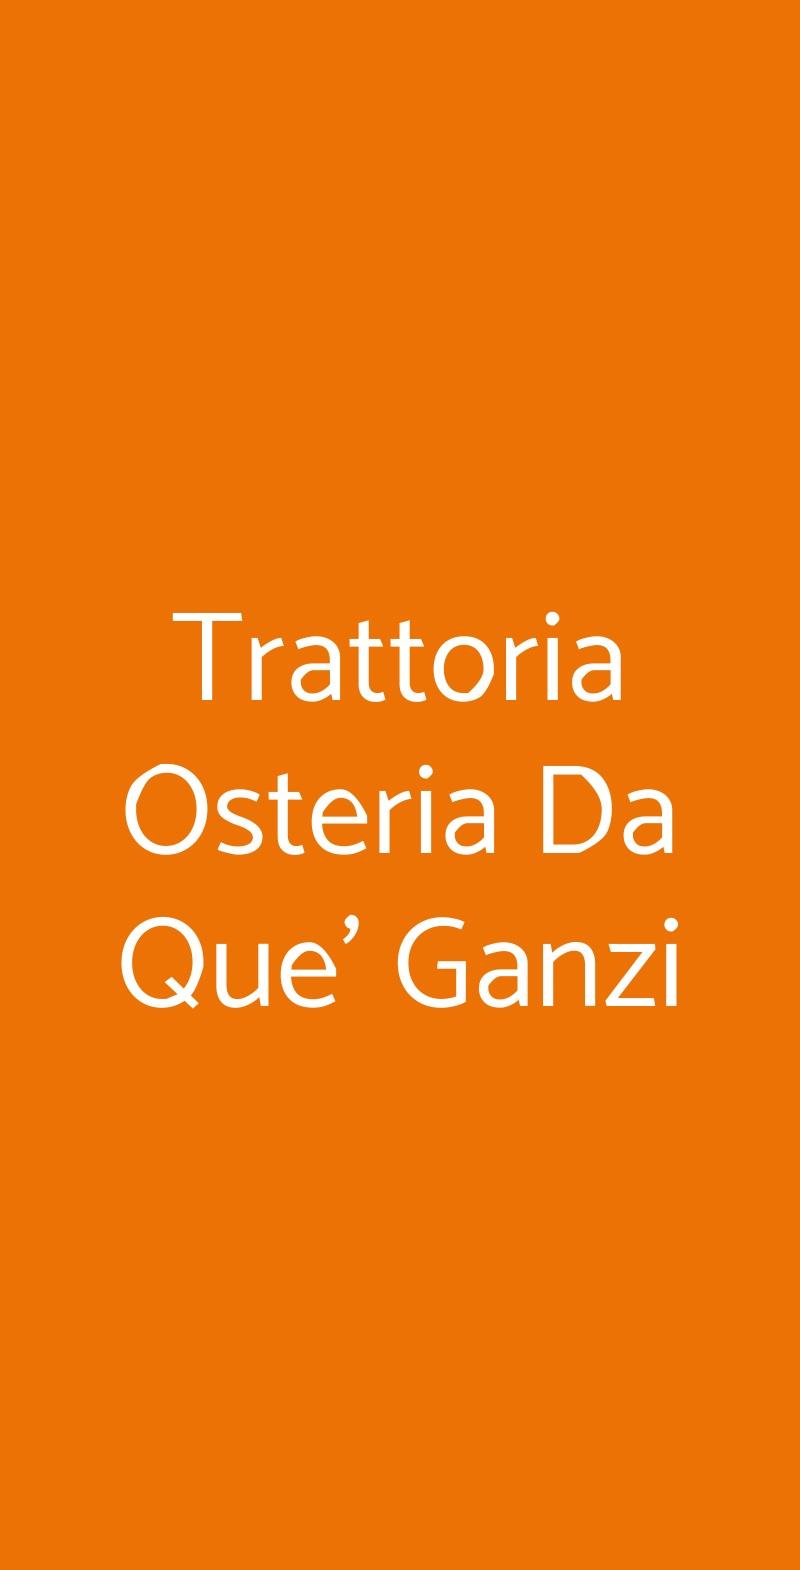 Trattoria Osteria Da Que' Ganzi Firenze menù 1 pagina